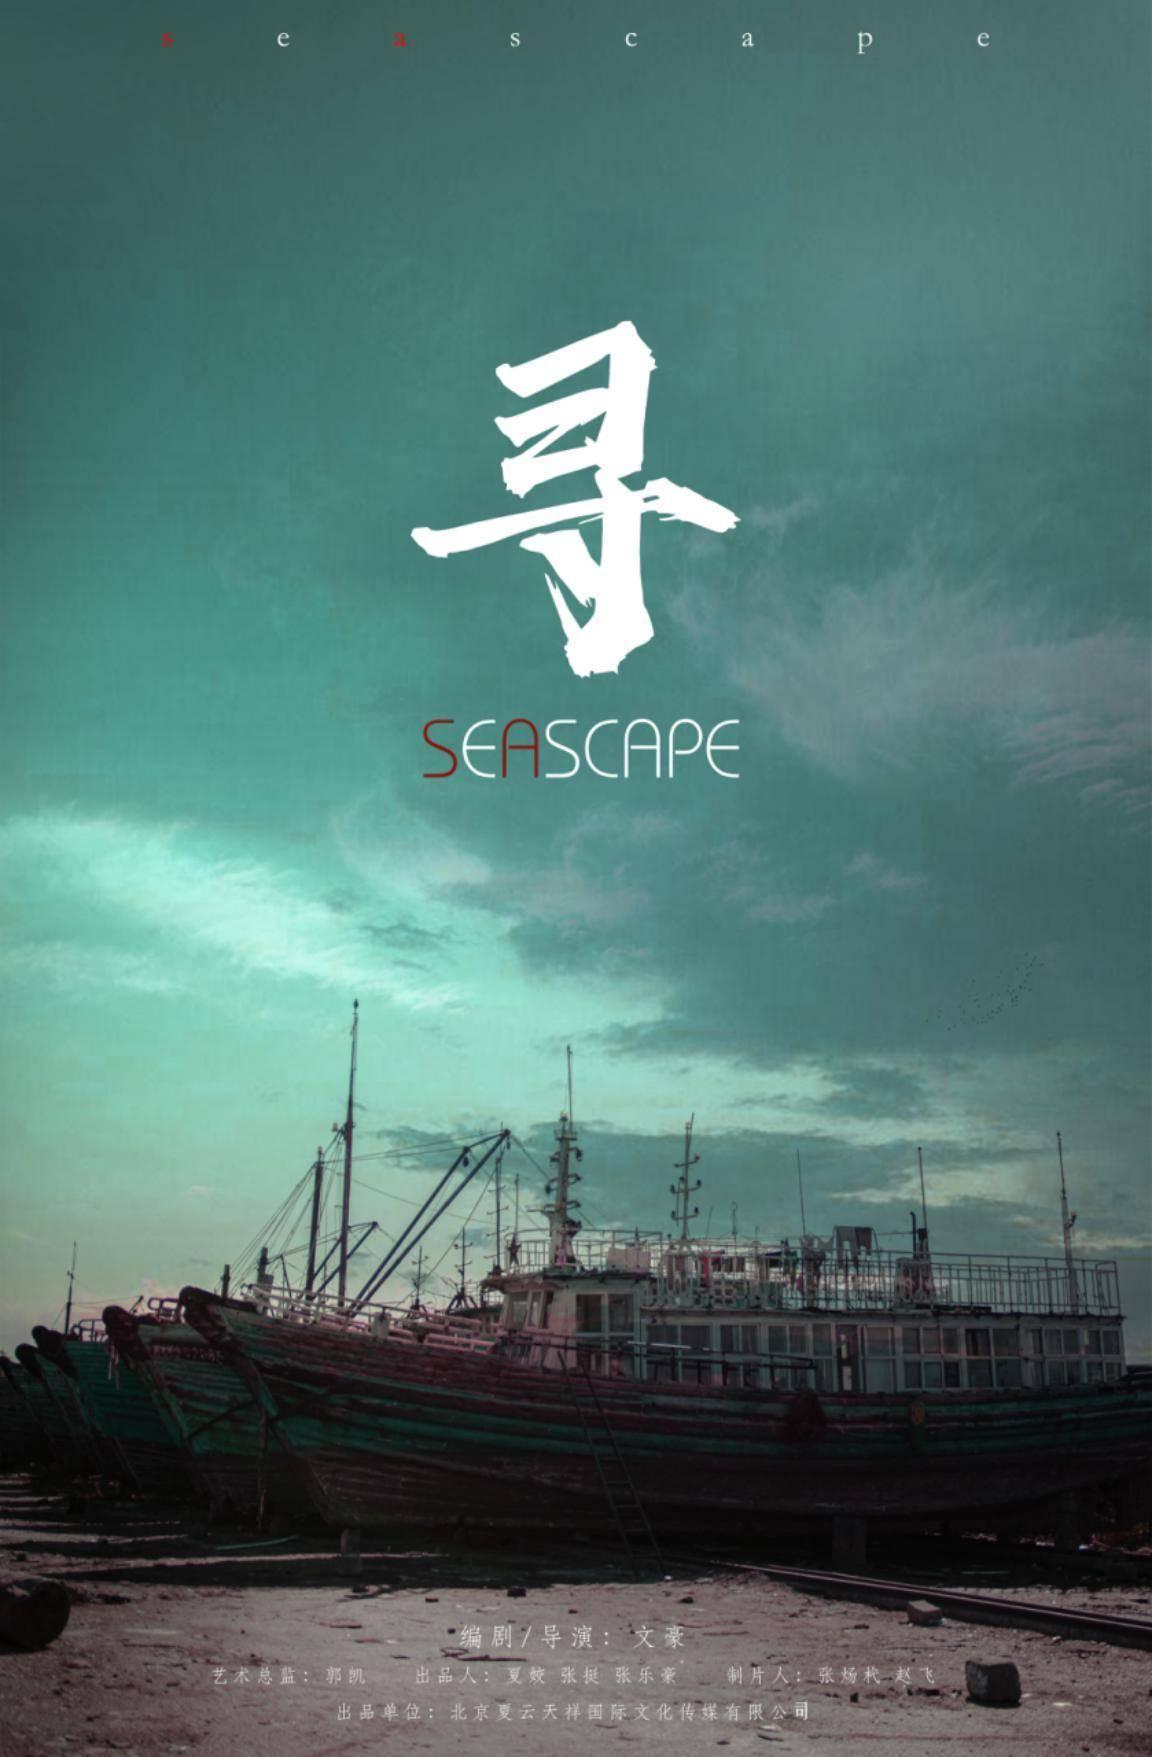 新锐导演文豪执导新文艺电影《寻》10月13日于秦皇岛开机